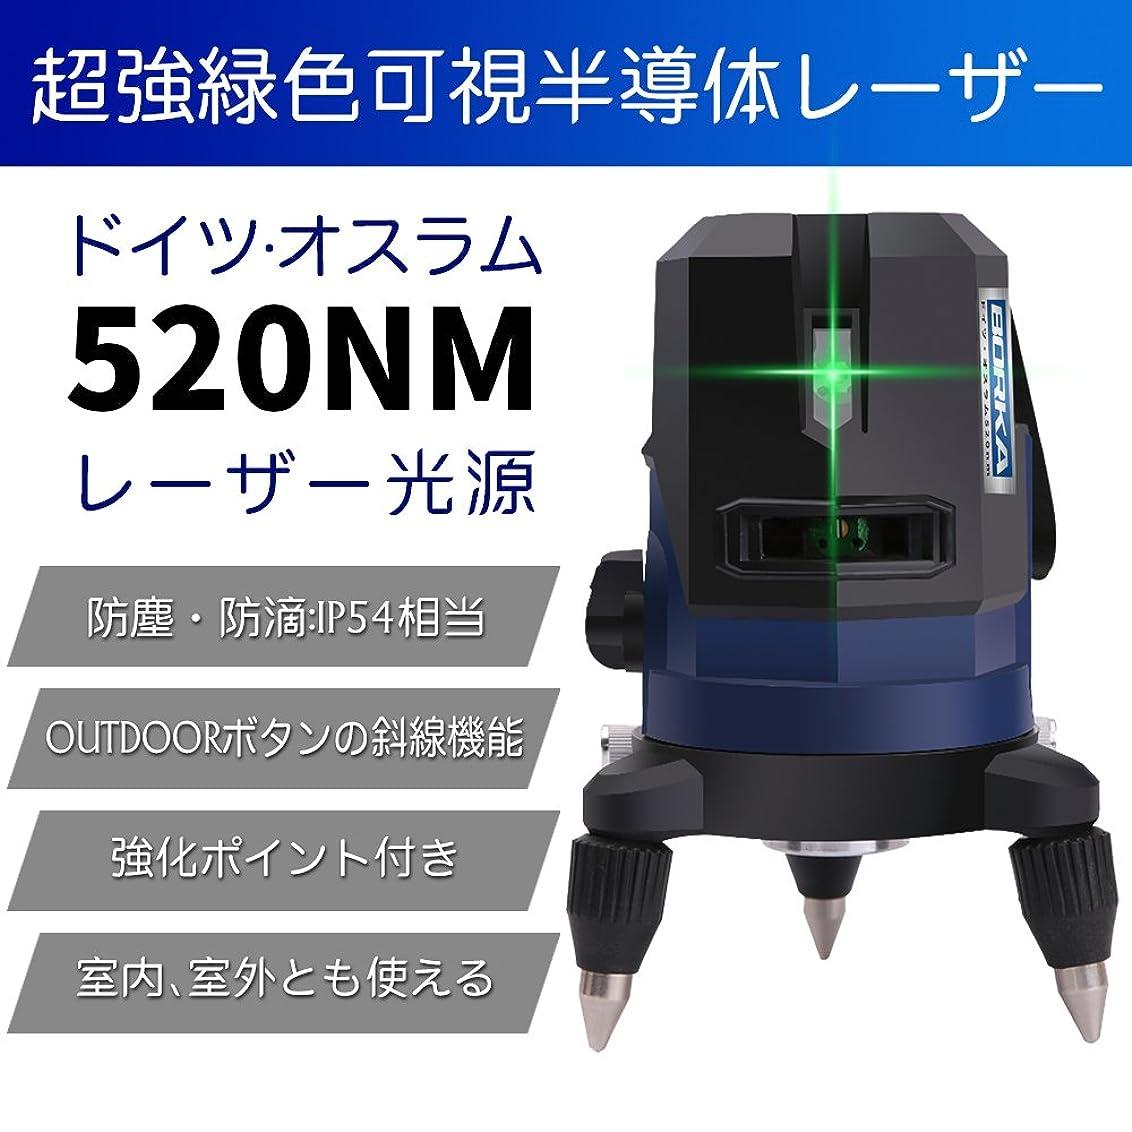 世界首尾一貫したスポーツをするBORKA5ライン グリーンレーザー墨出し器 5線6点 強化ポイント付き 斜線機能 高輝度 日本語説明書 1年品質保証 (ブルー)